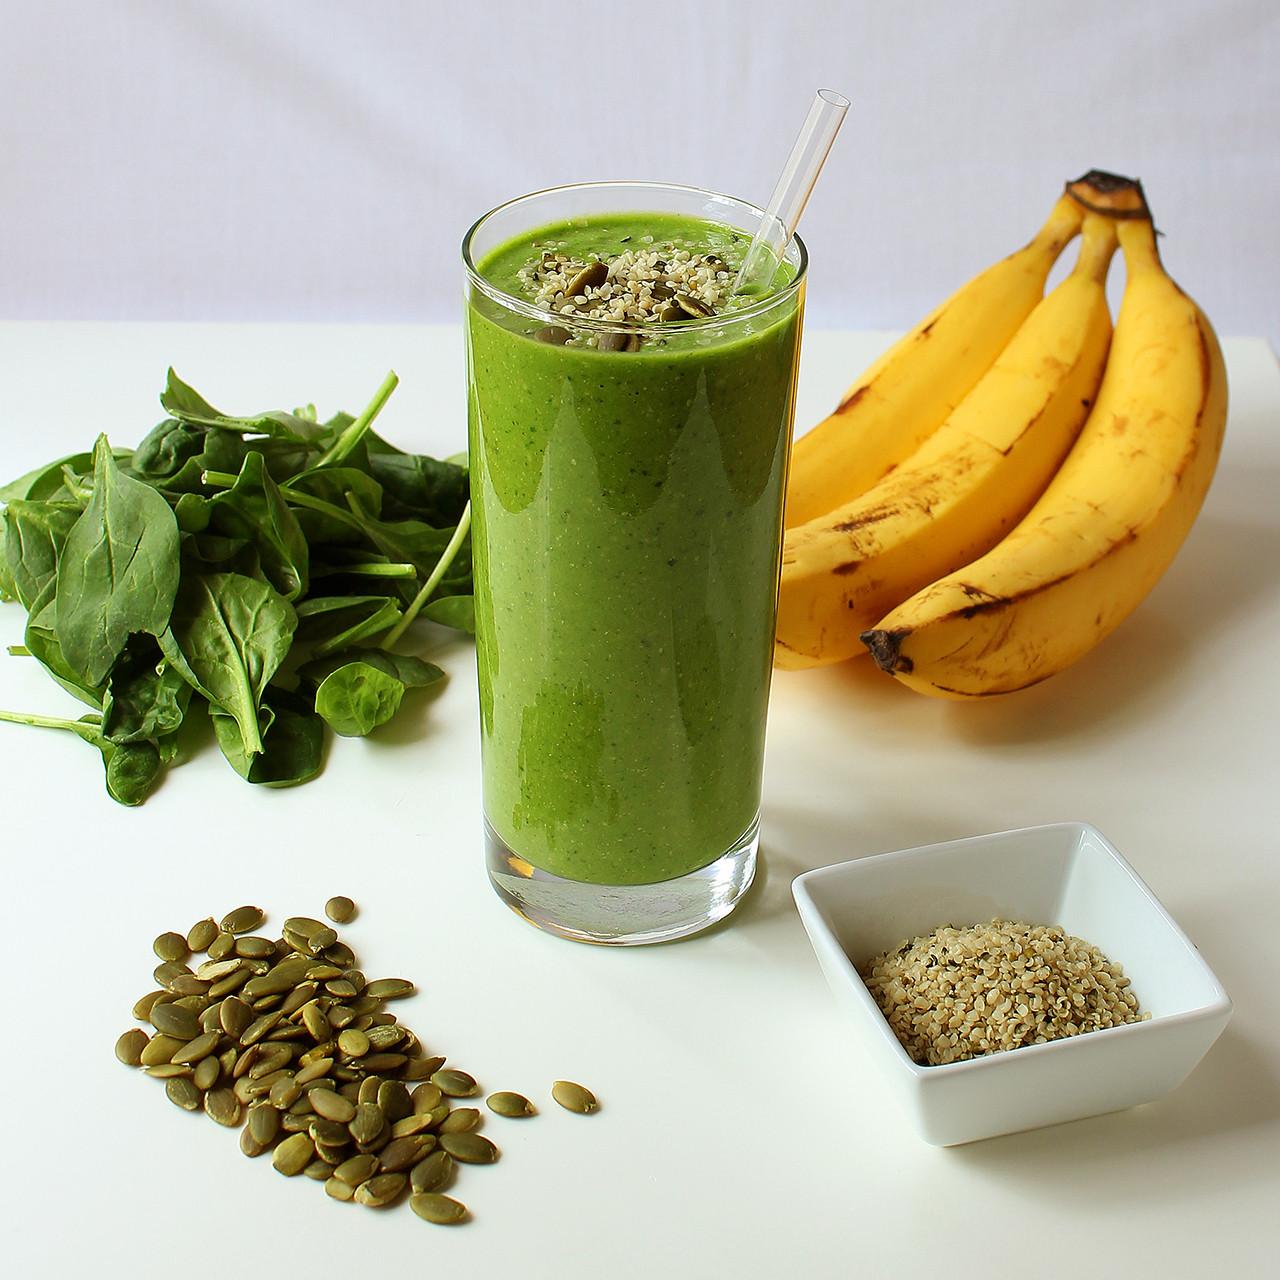 Vegan Protein Smoothie  Green Protein Power Breakfast Smoothie I LOVE VEGAN